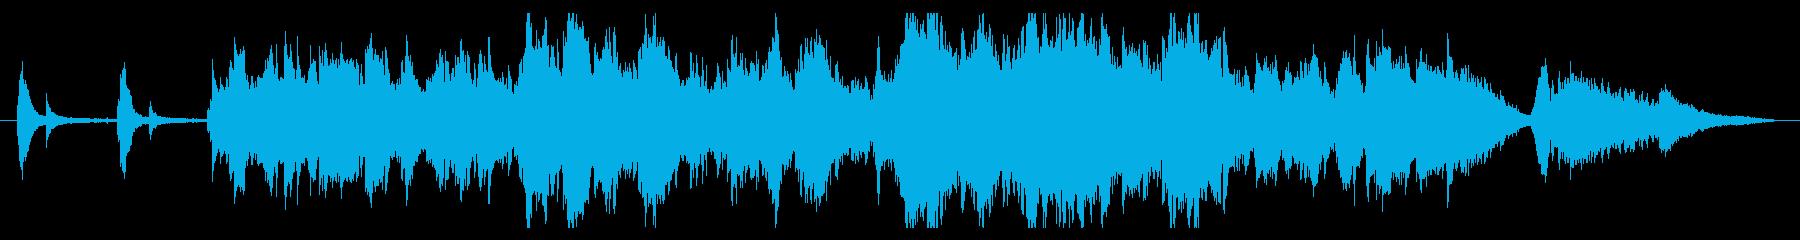 劇伴風 温かみのある穏やかなチェロ曲ですの再生済みの波形